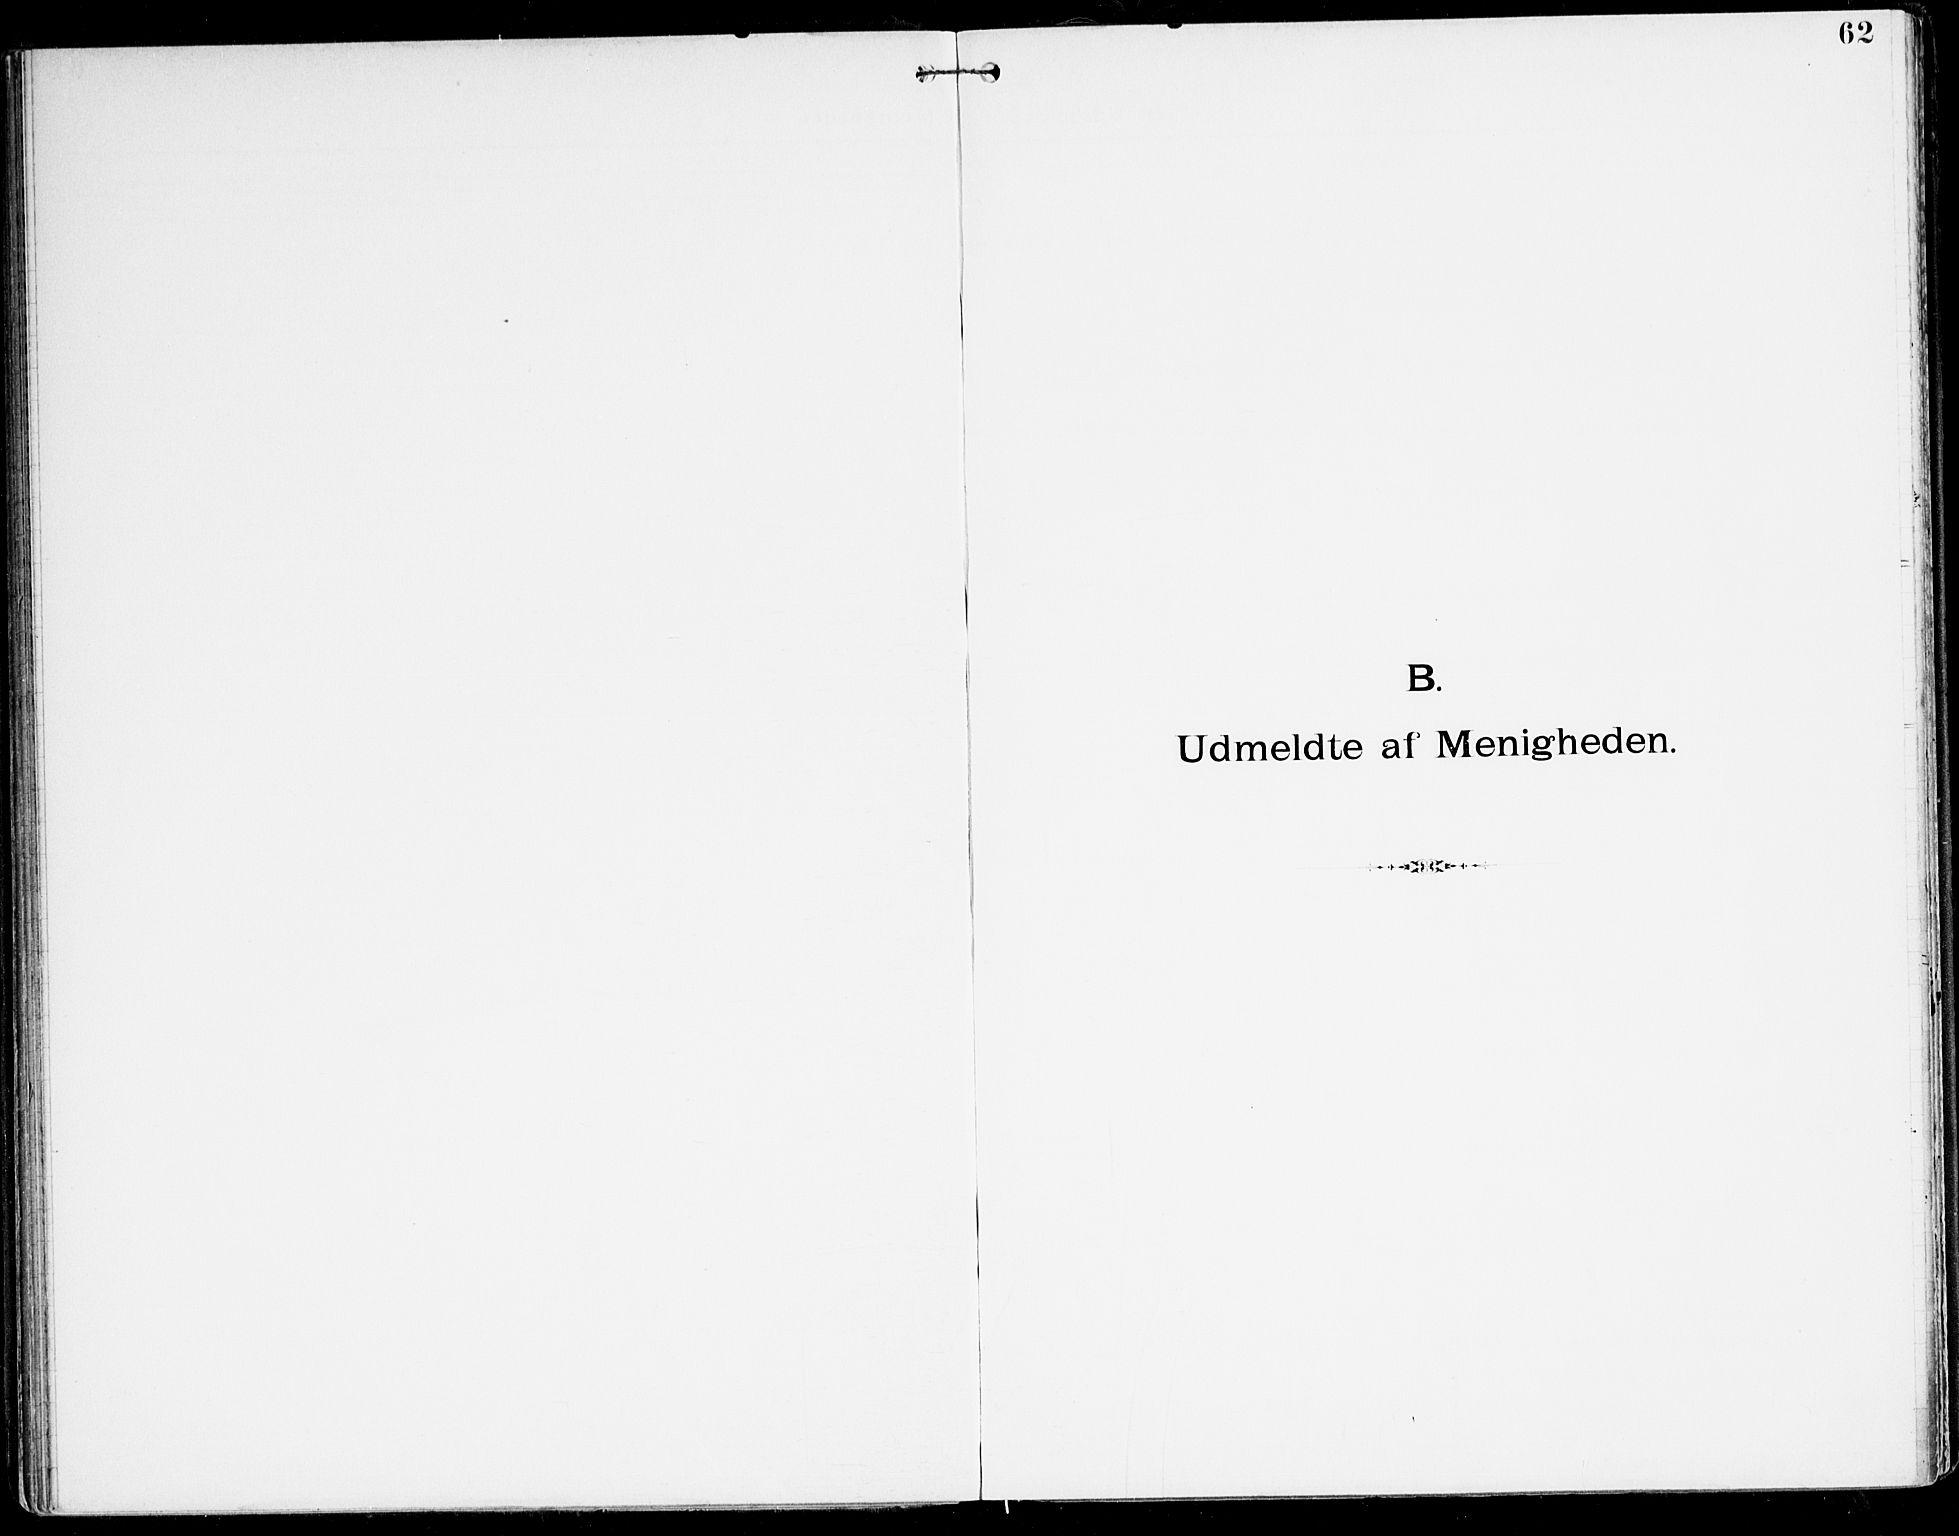 SAK, Den evangelisk-lutherske frikirke, Kristiansand, F/Fa/L0003: Dissenterprotokoll nr. F 11, 1892-1925, s. 62